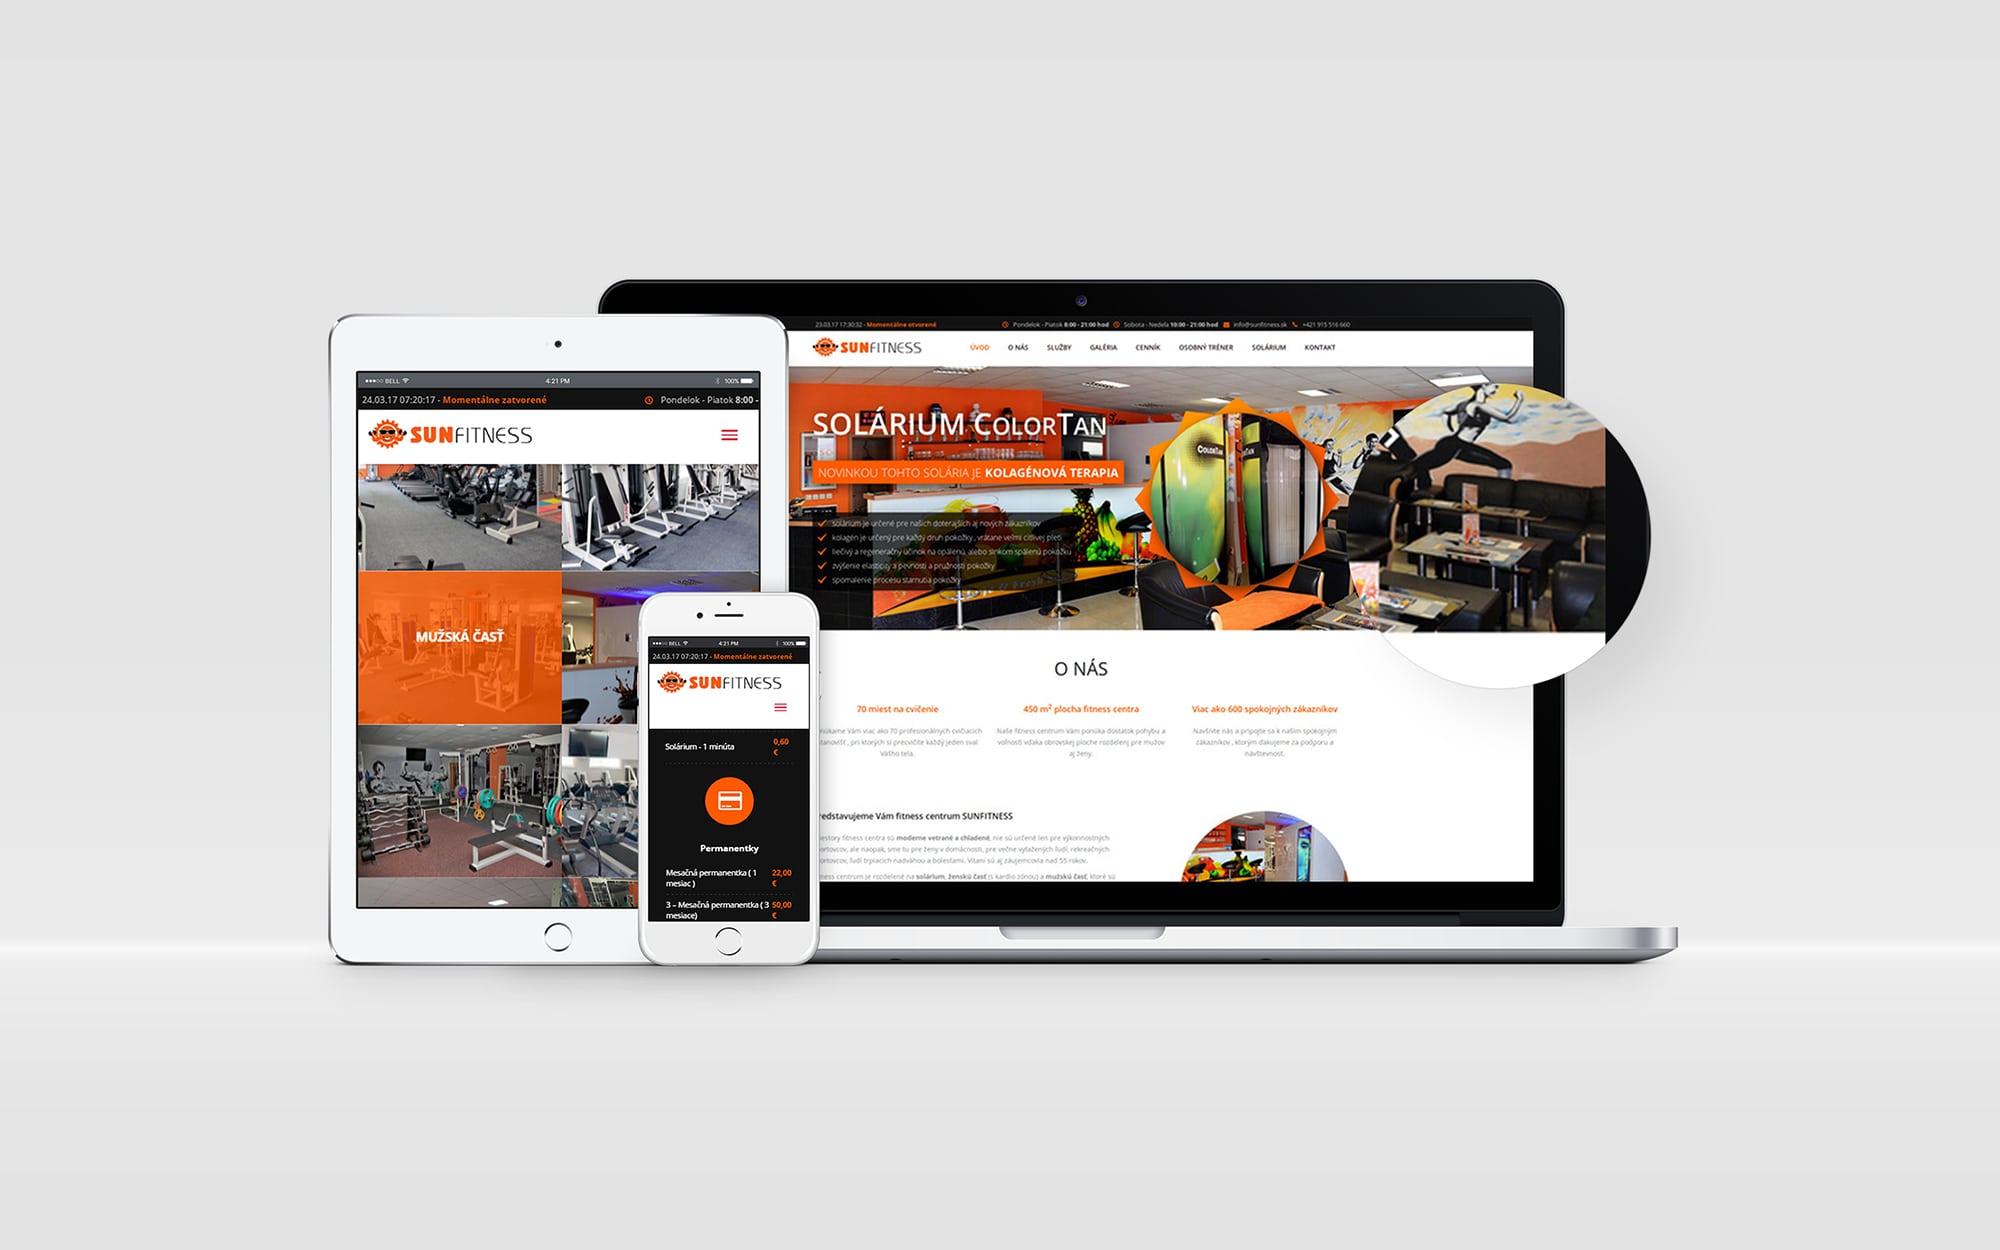 Náhľady responzívnej web stránky na notebooku, tablete a mobilnom telefóne